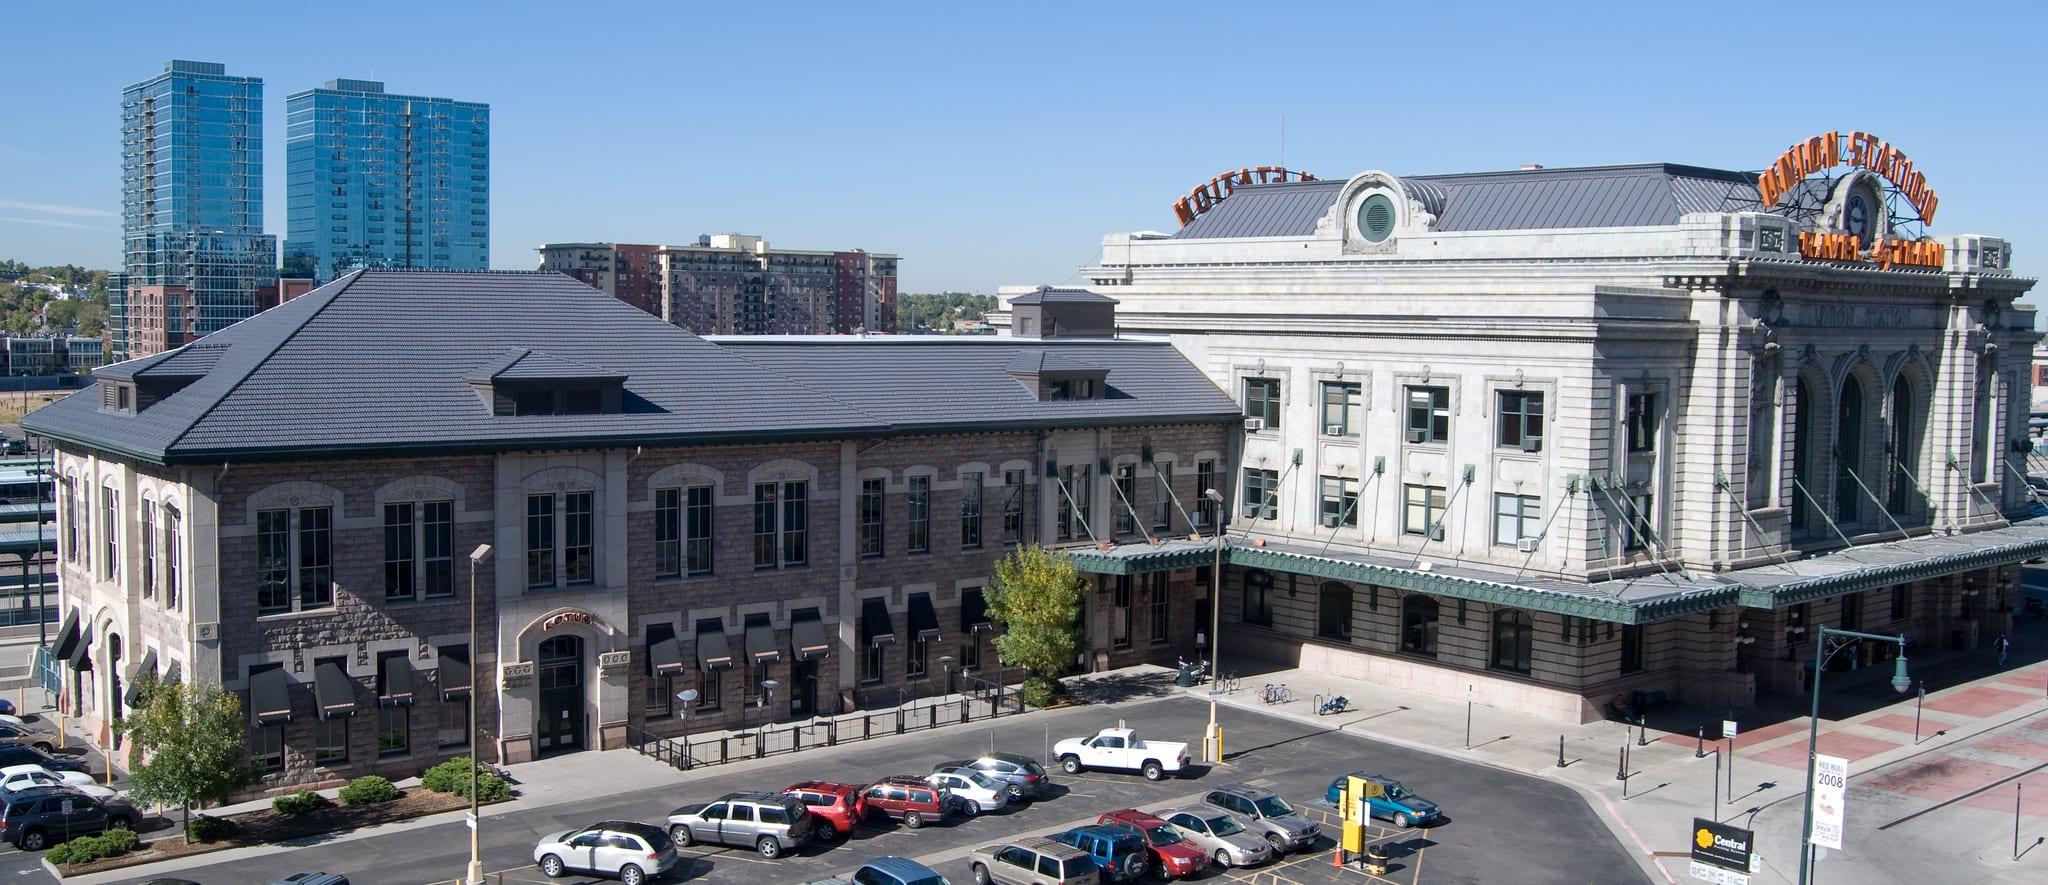 Denver Union Station Ludowici Roof Tile